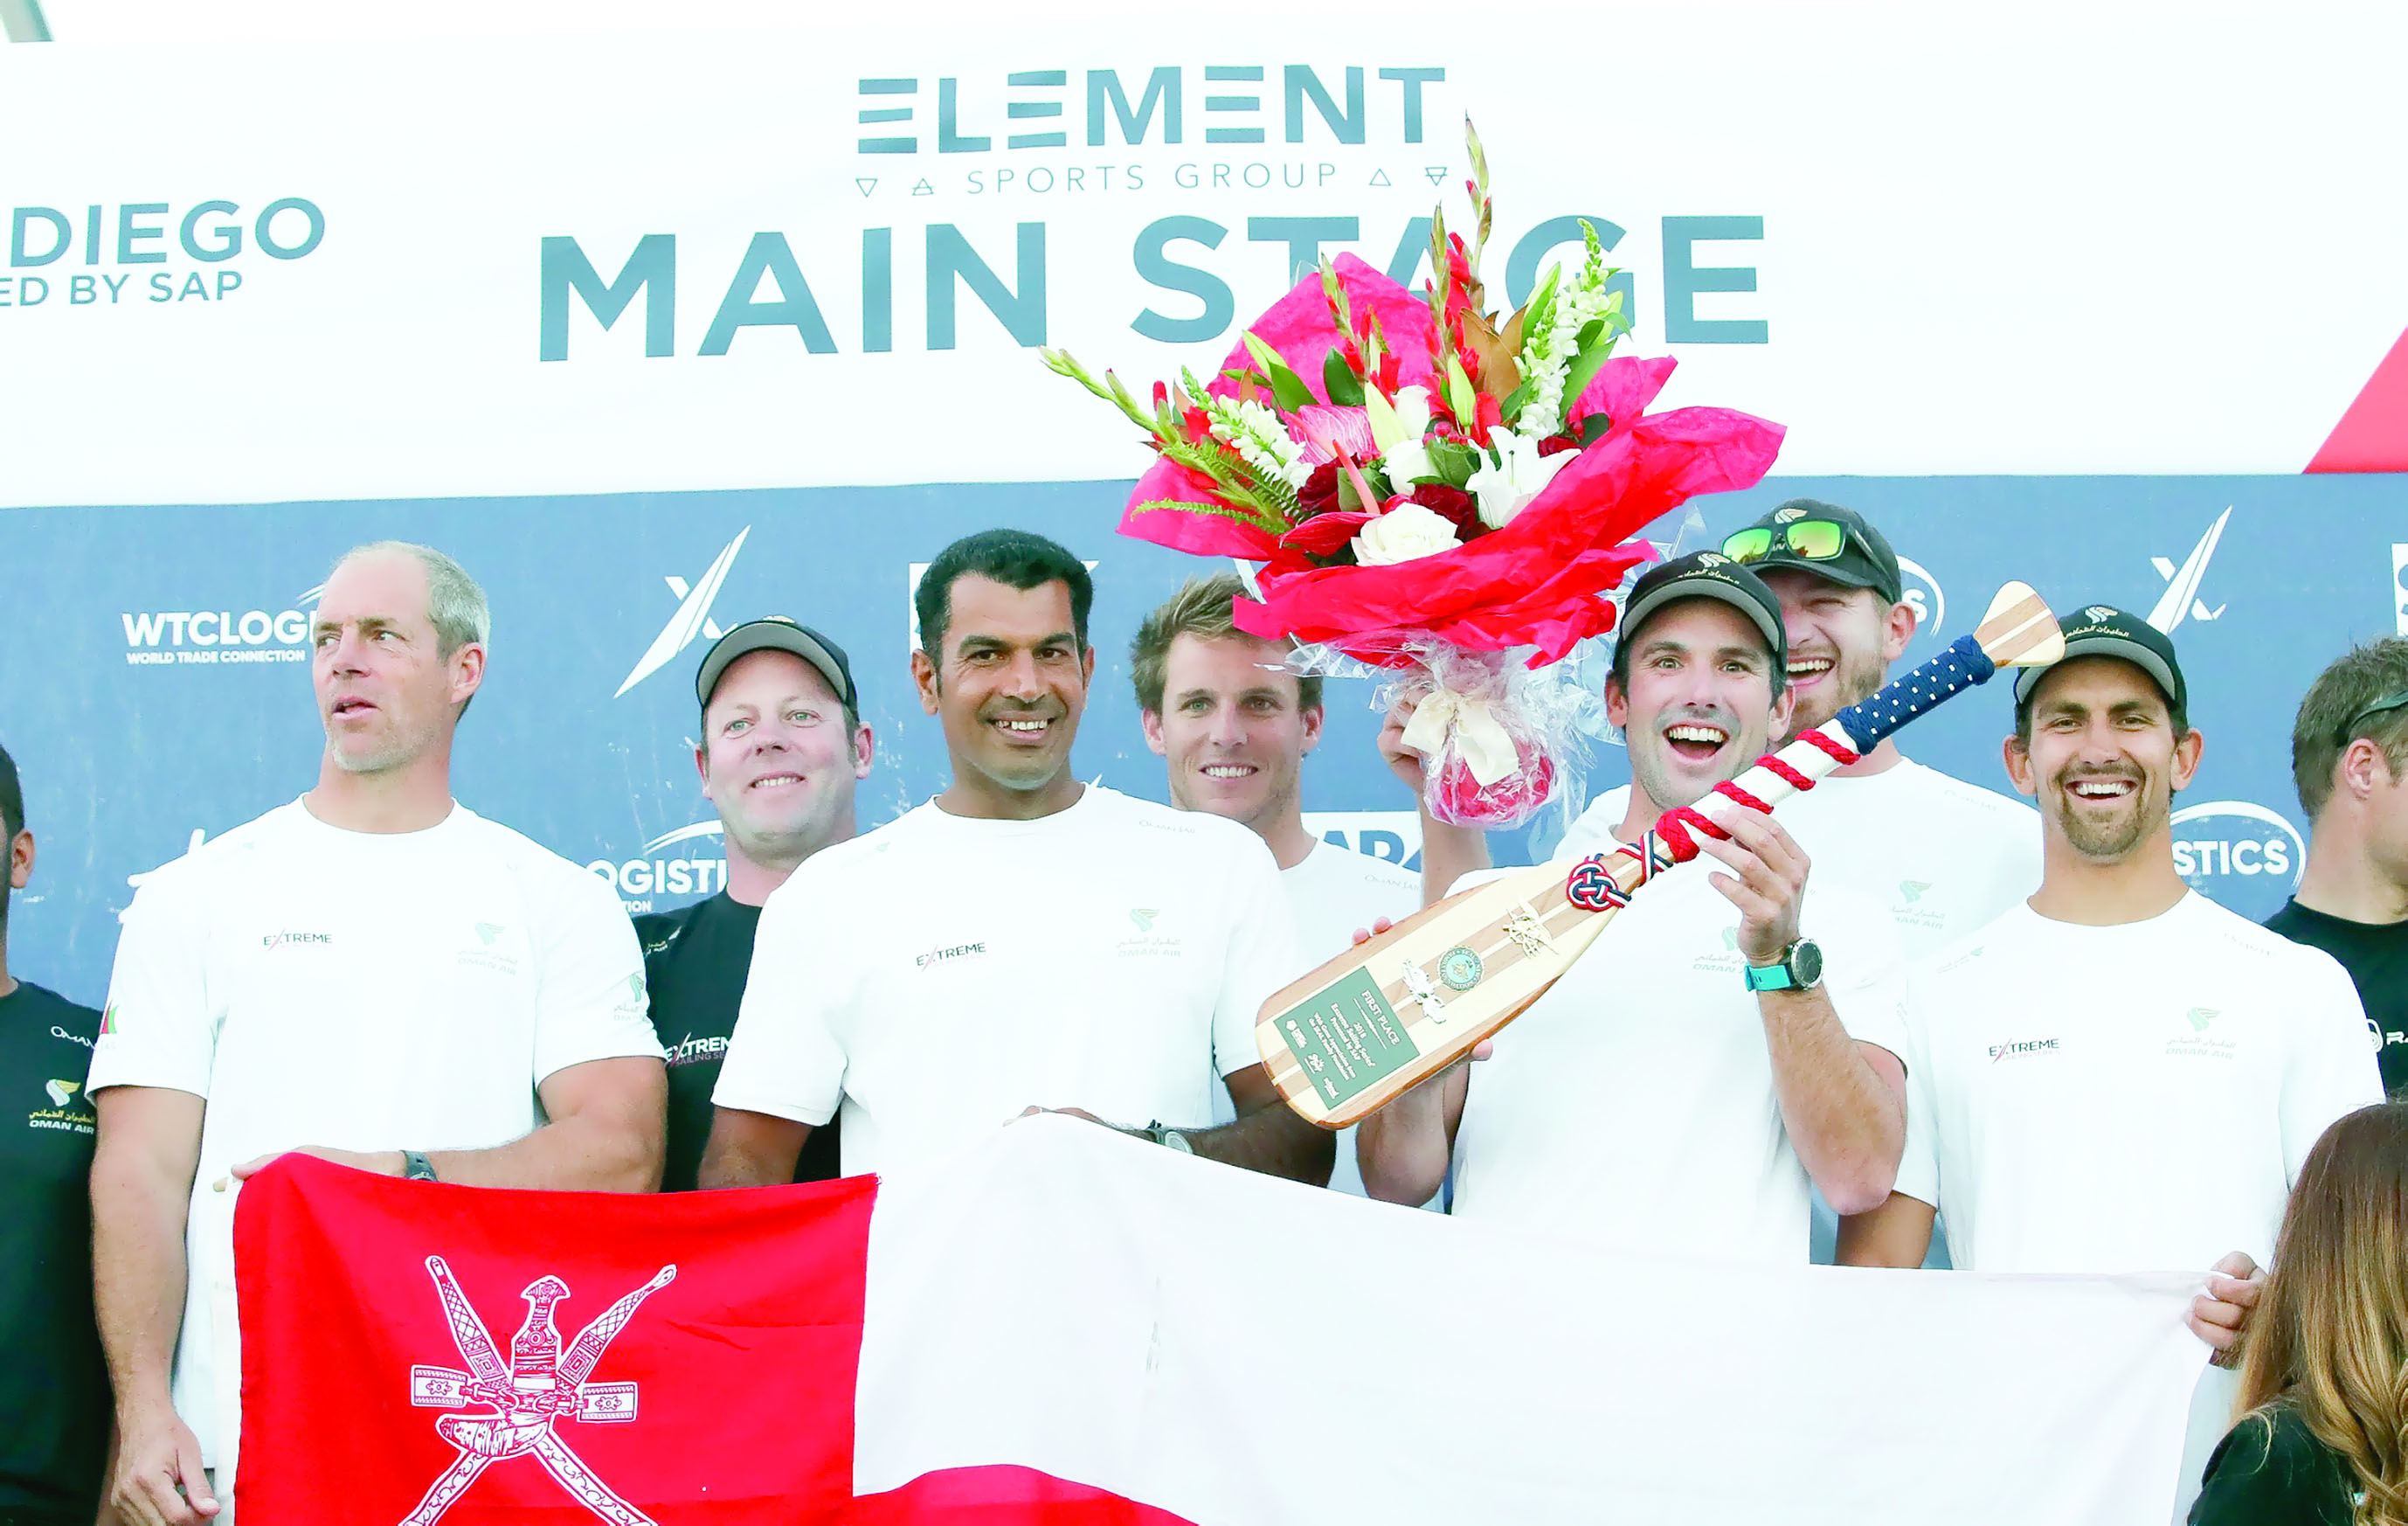 فريق «الطيران العُماني»يتوج بطلاً للجولة السادسة من منافسات الإكستريم الشراعية بسان دييجو